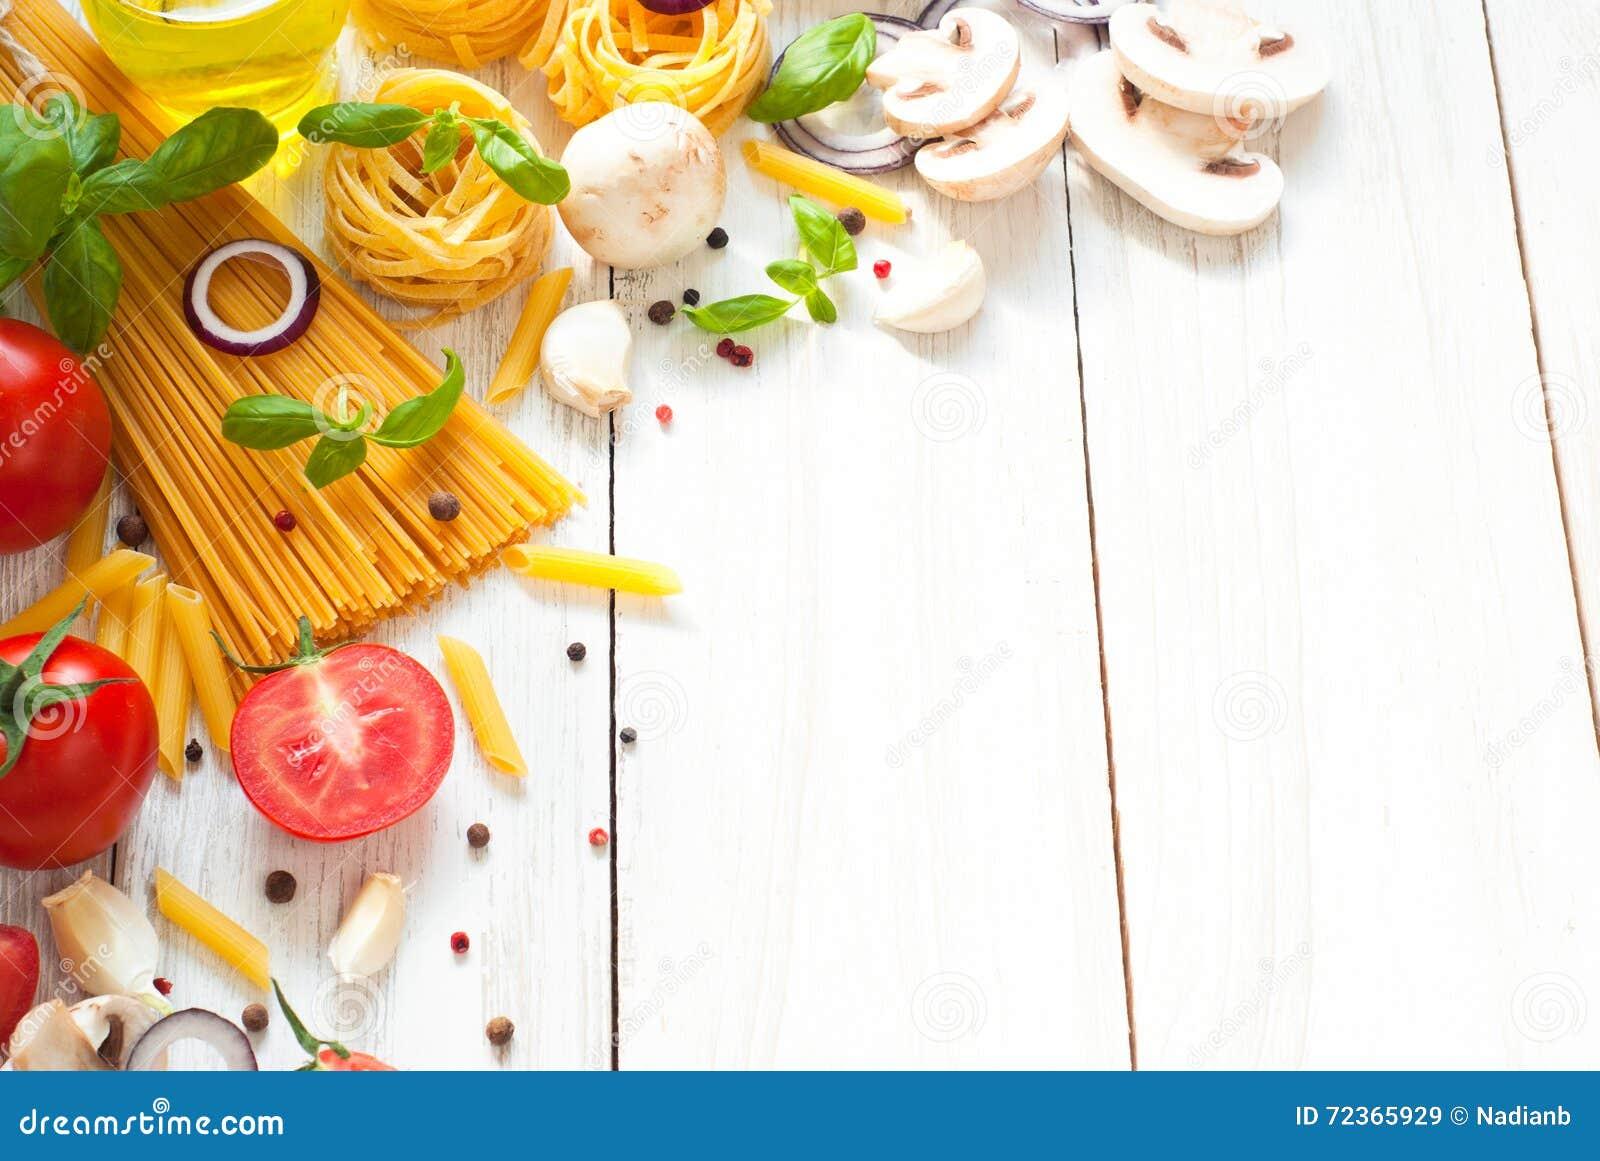 烹调的意大利面团成份